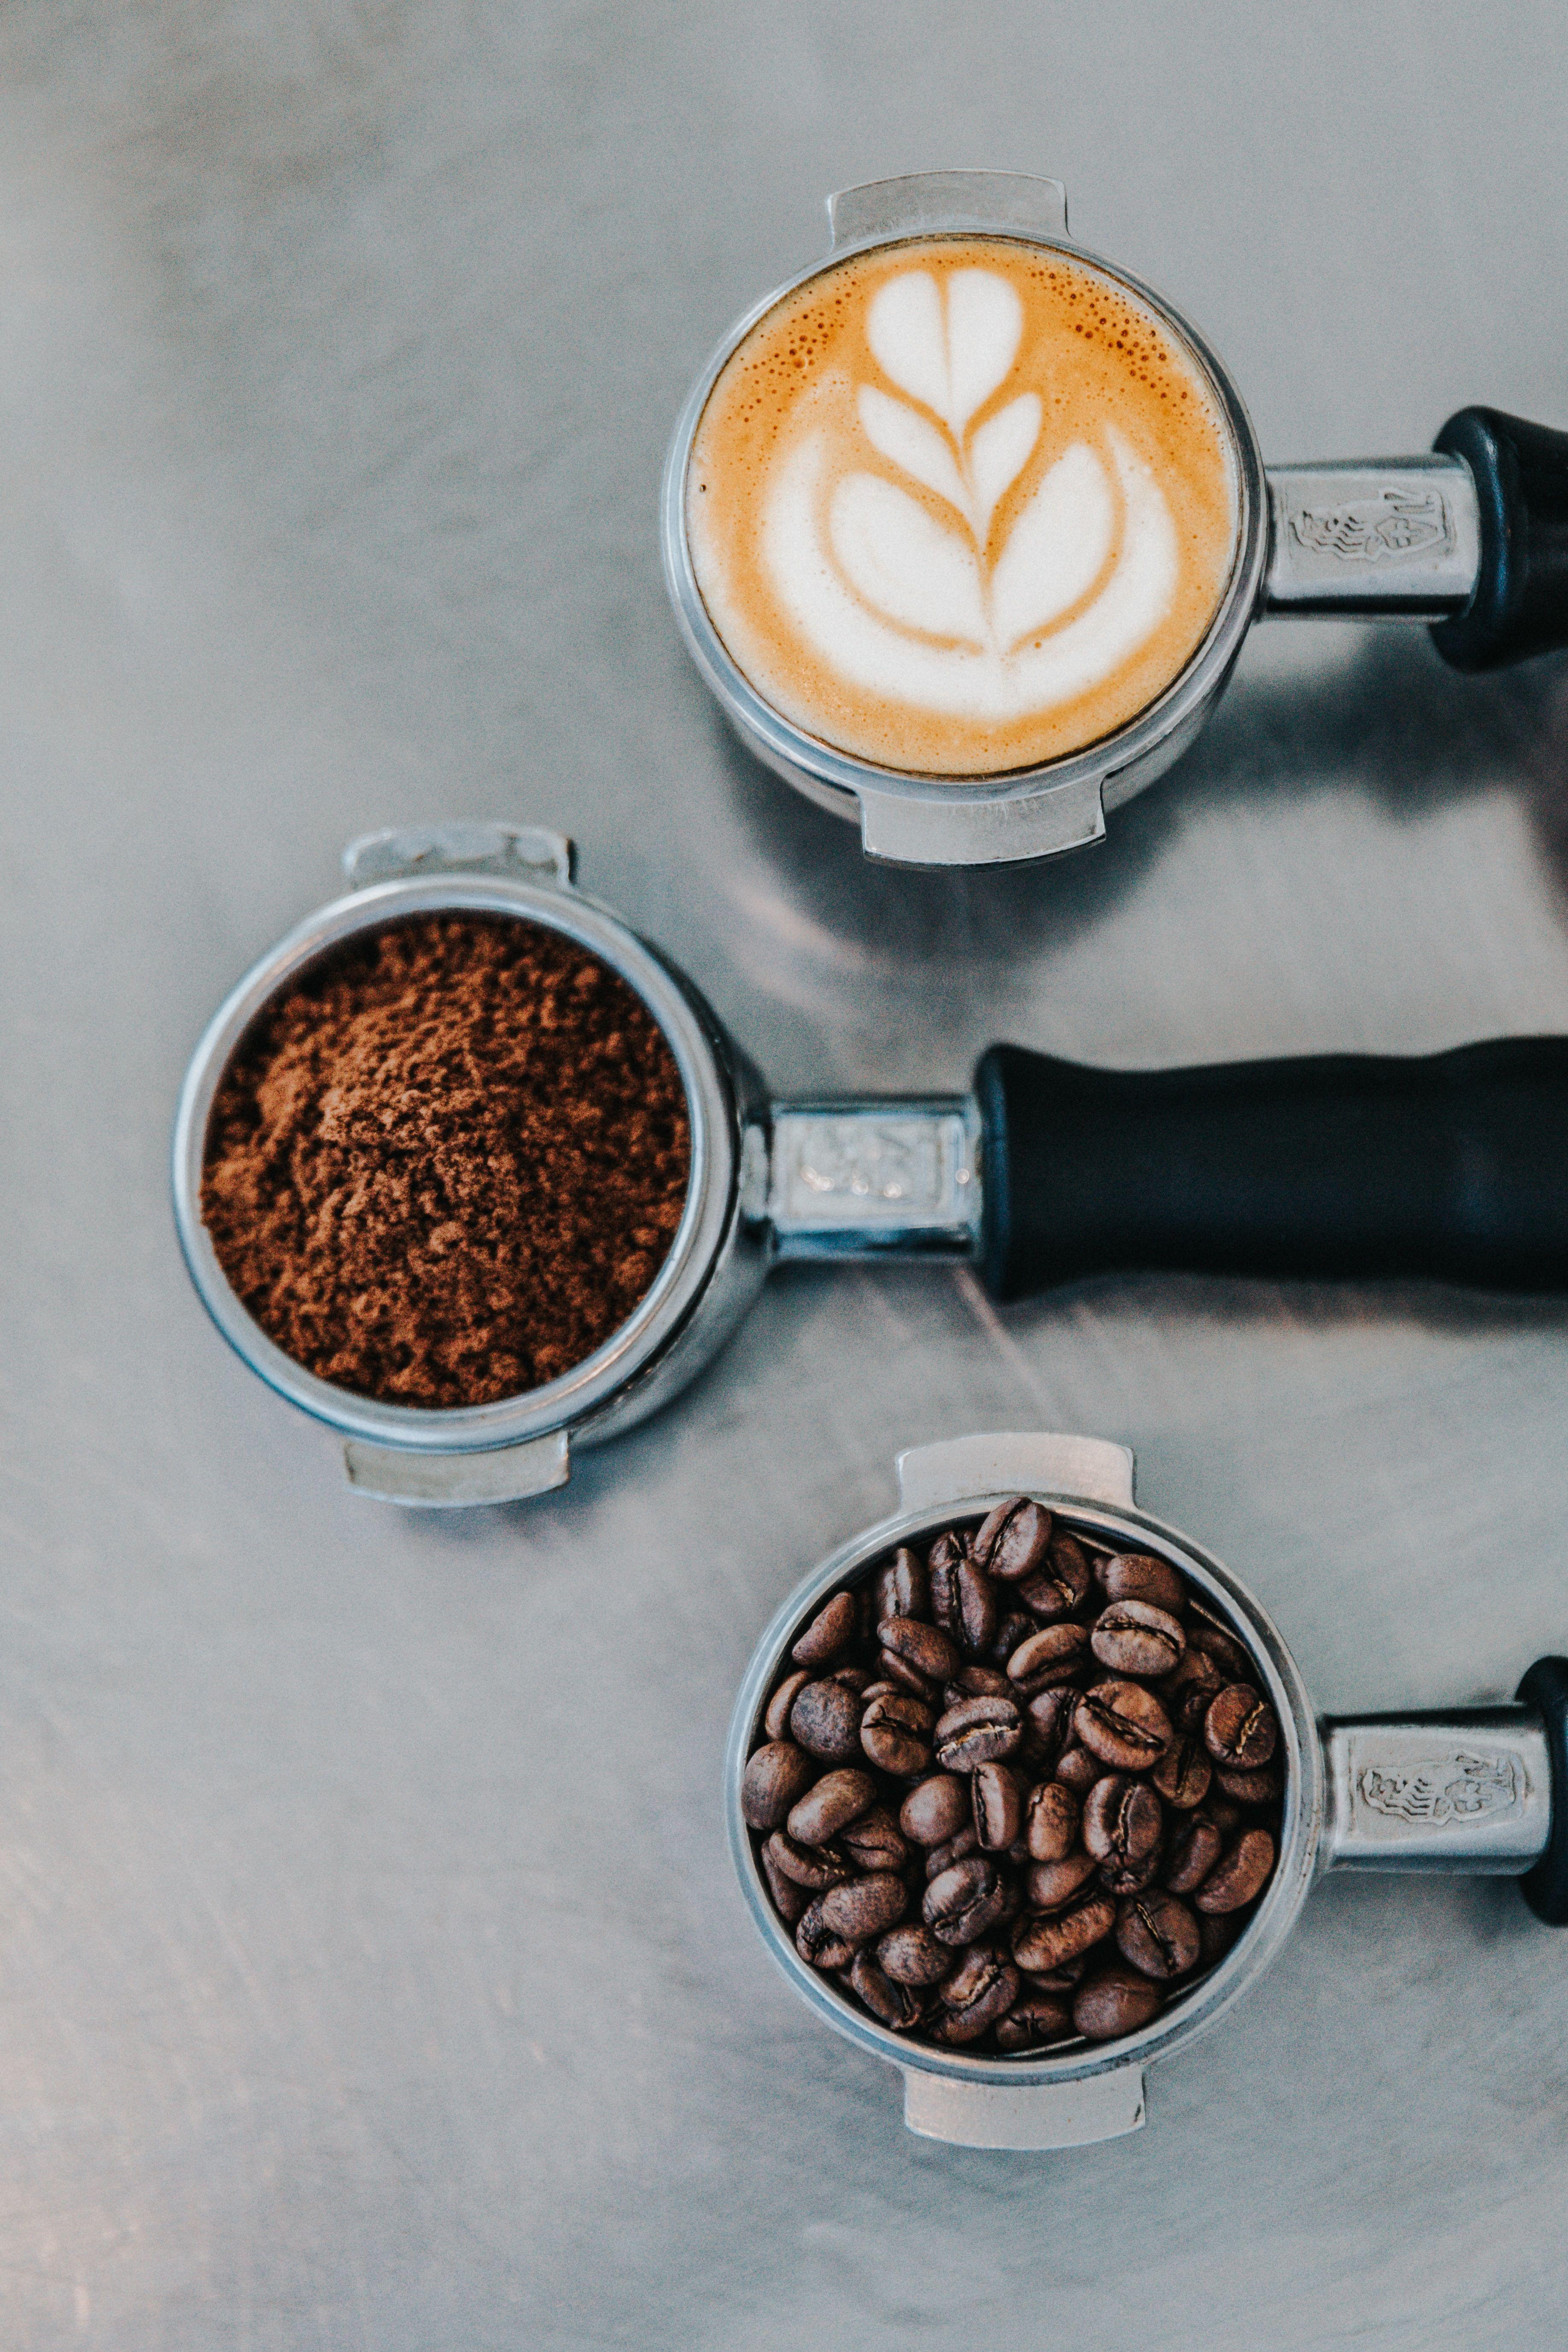 Coffee_nathan-dumlao-y3aqmbmtlqi-unsplash